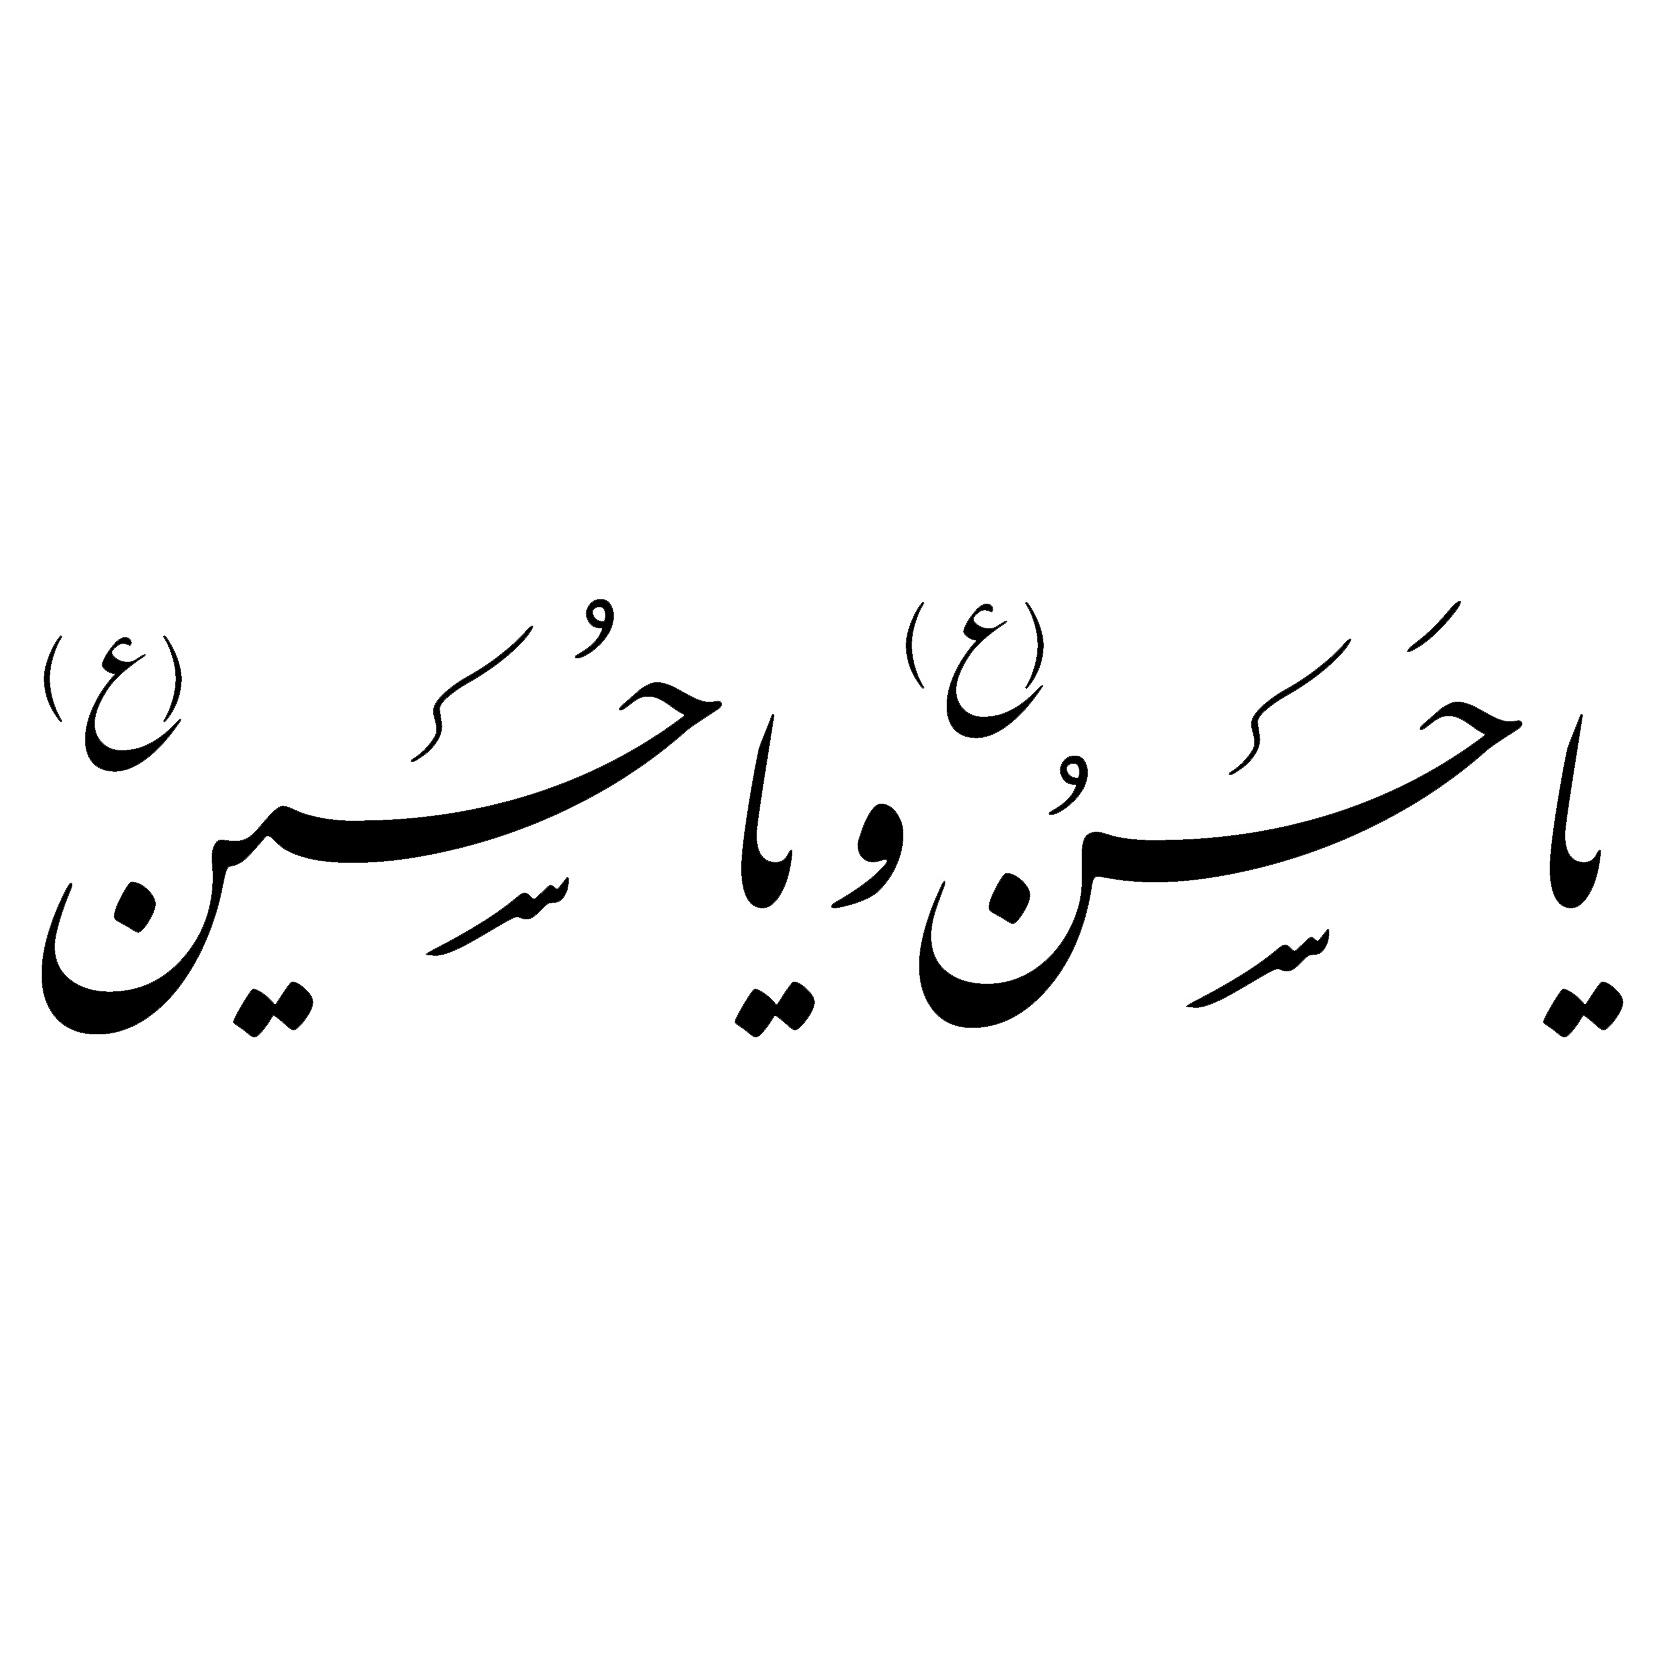 Khat-00002-yasinmedia.com